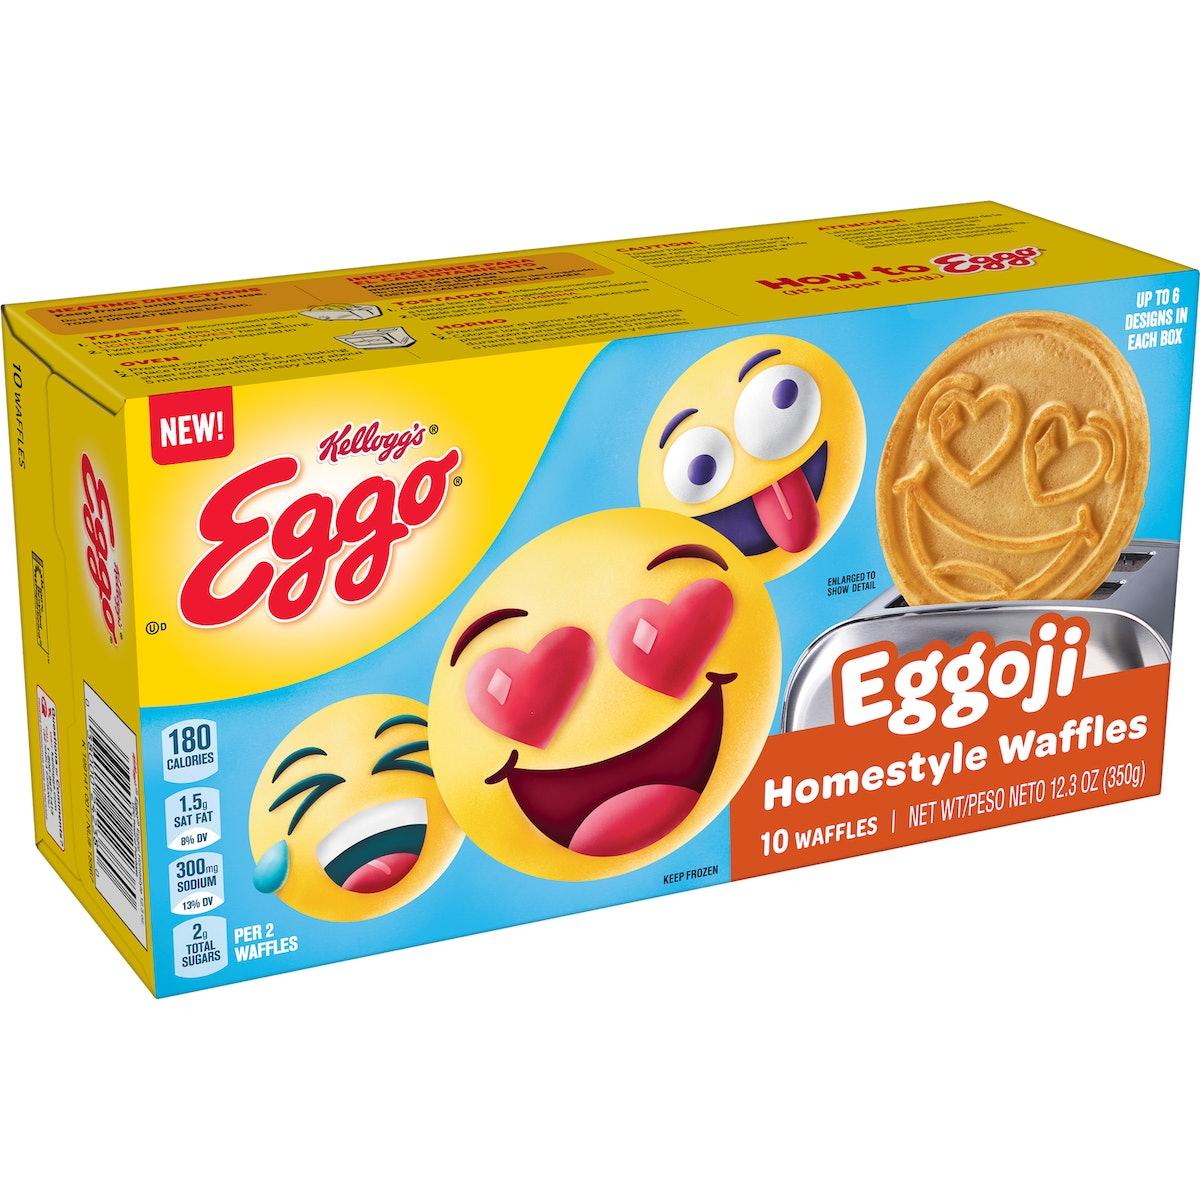 Eggo Eggoji Homestyle Frozen Emoji Waffles